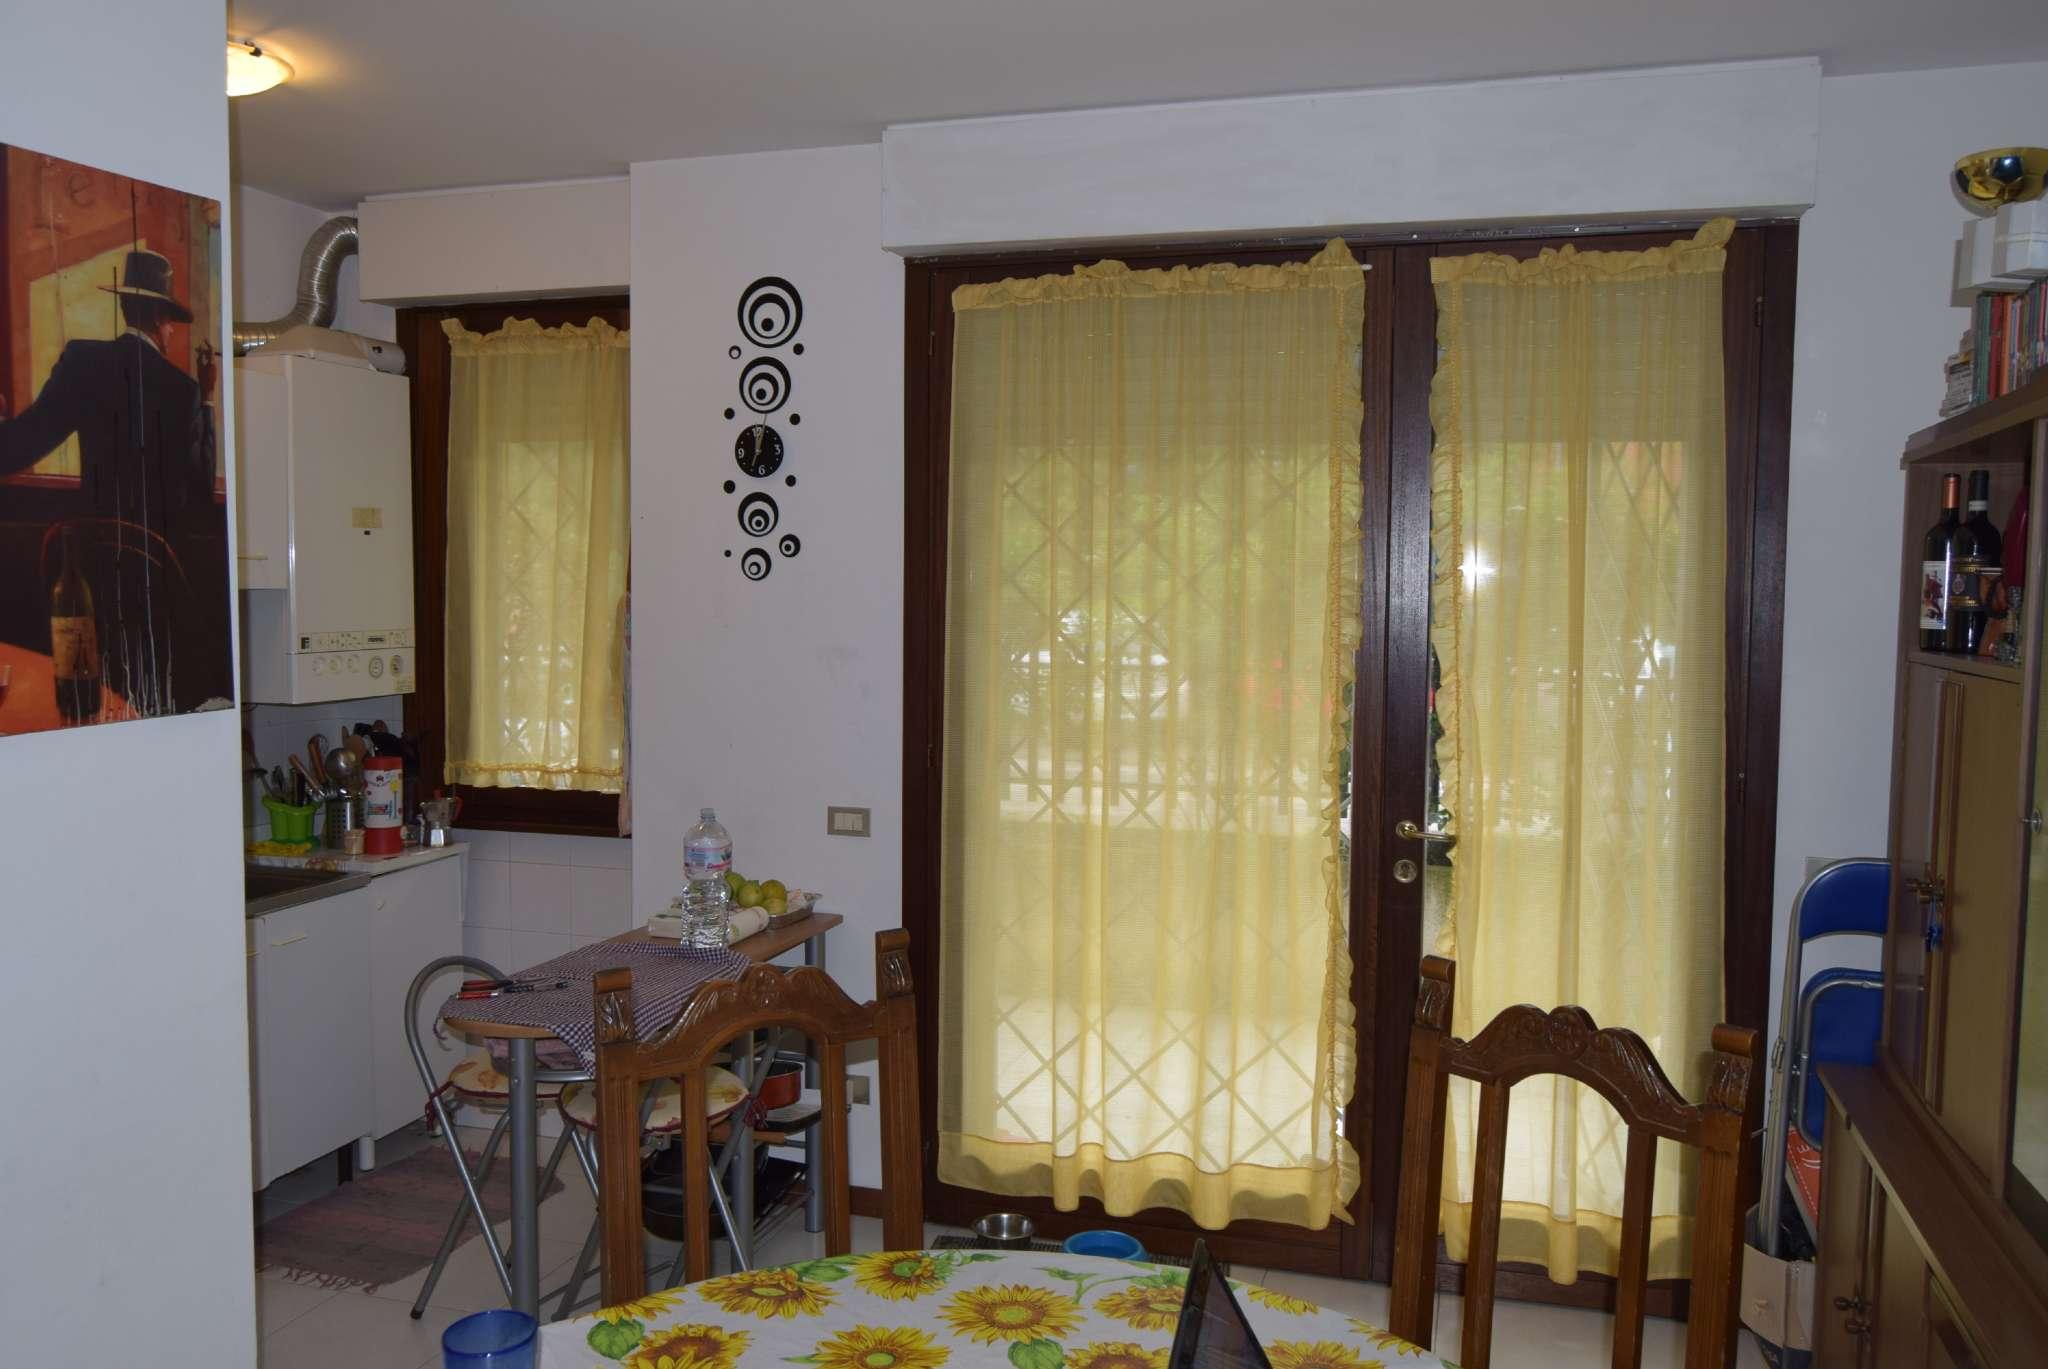 Appartamento in vendita a Perugia, 2 locali, prezzo € 100.000   CambioCasa.it